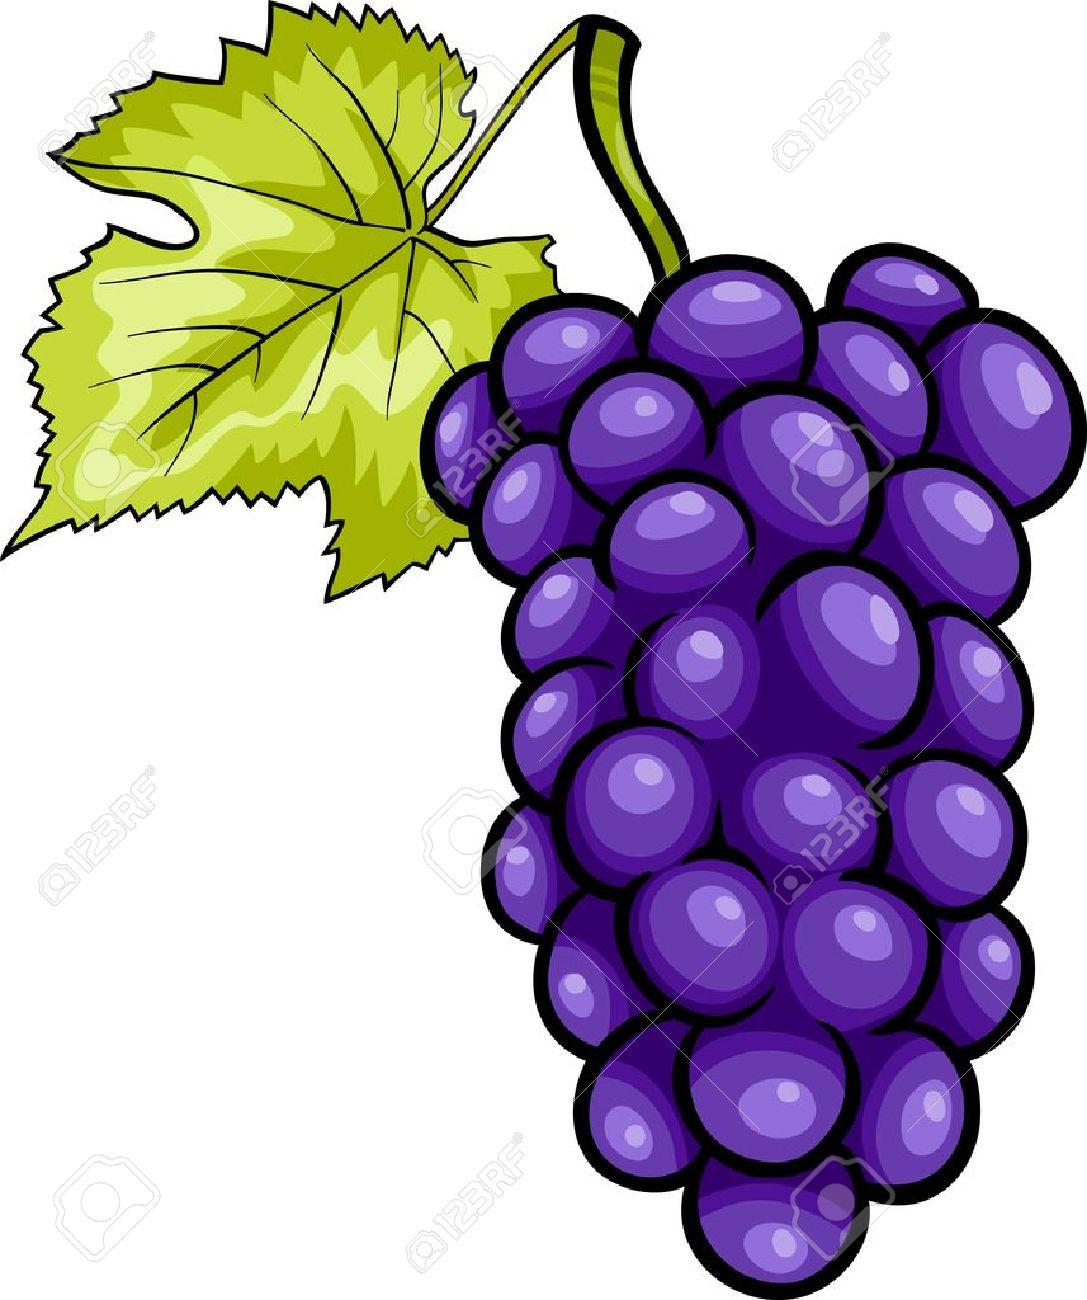 Ilustración De Dibujos Animados De Racimo De Uvas Azules O Púrpura O ...